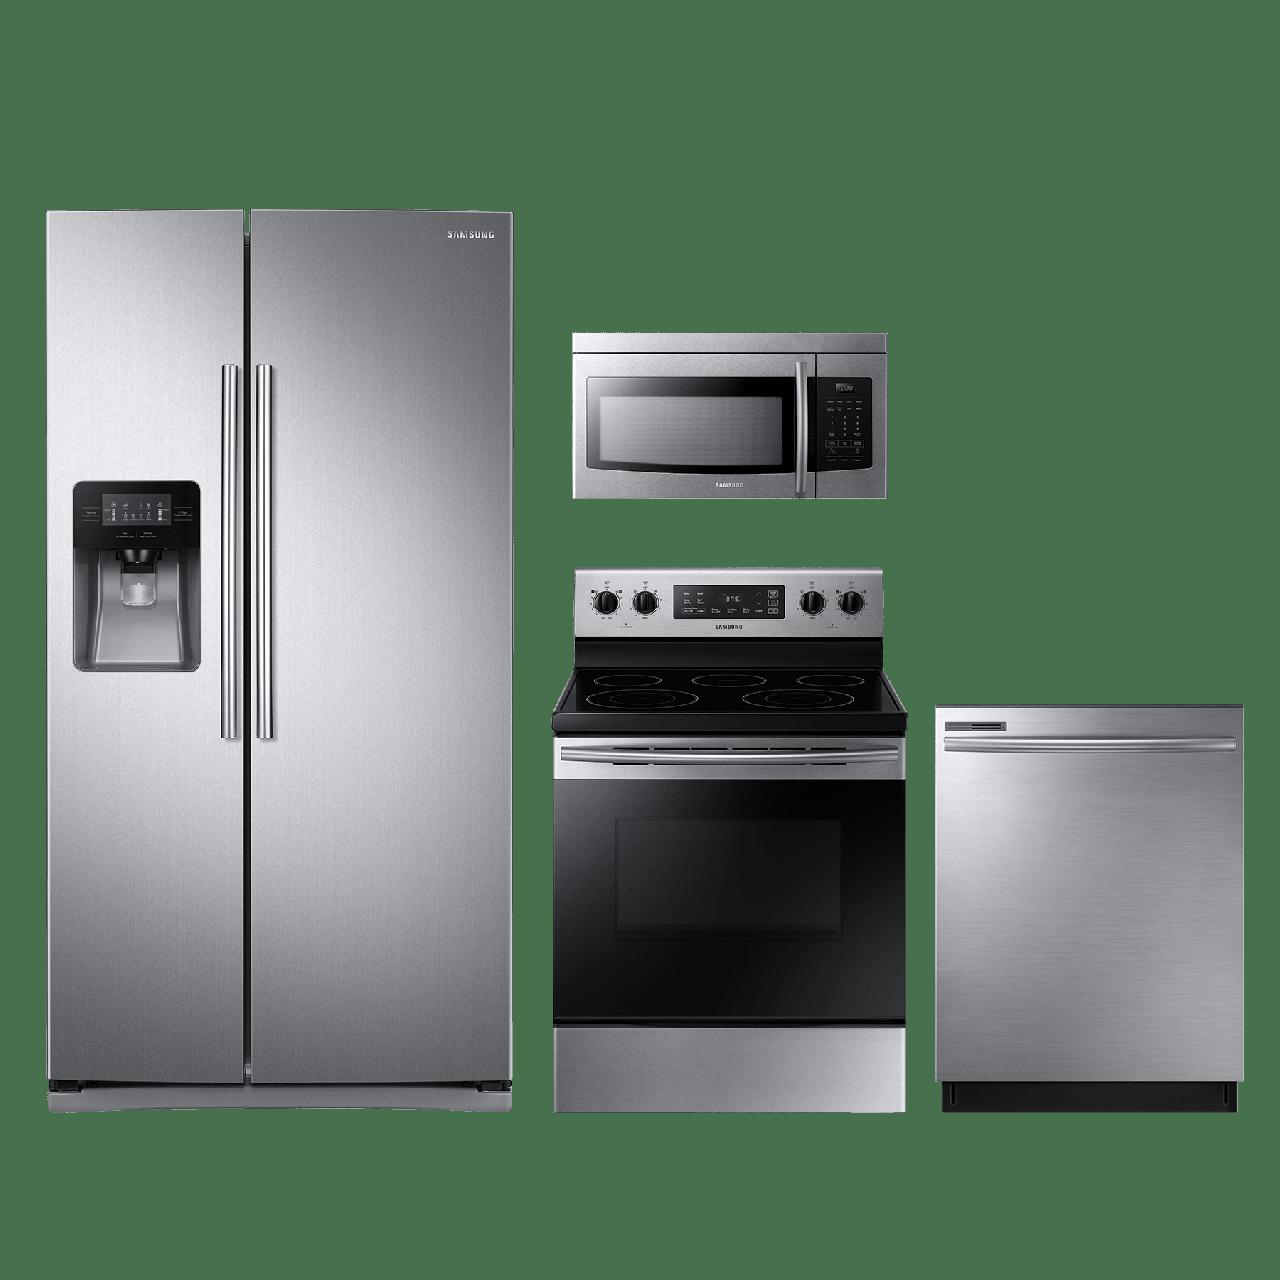 Samsung 4 Piece Kitchen Package Stainless Steel SAKITNE59M4310SS Samsung